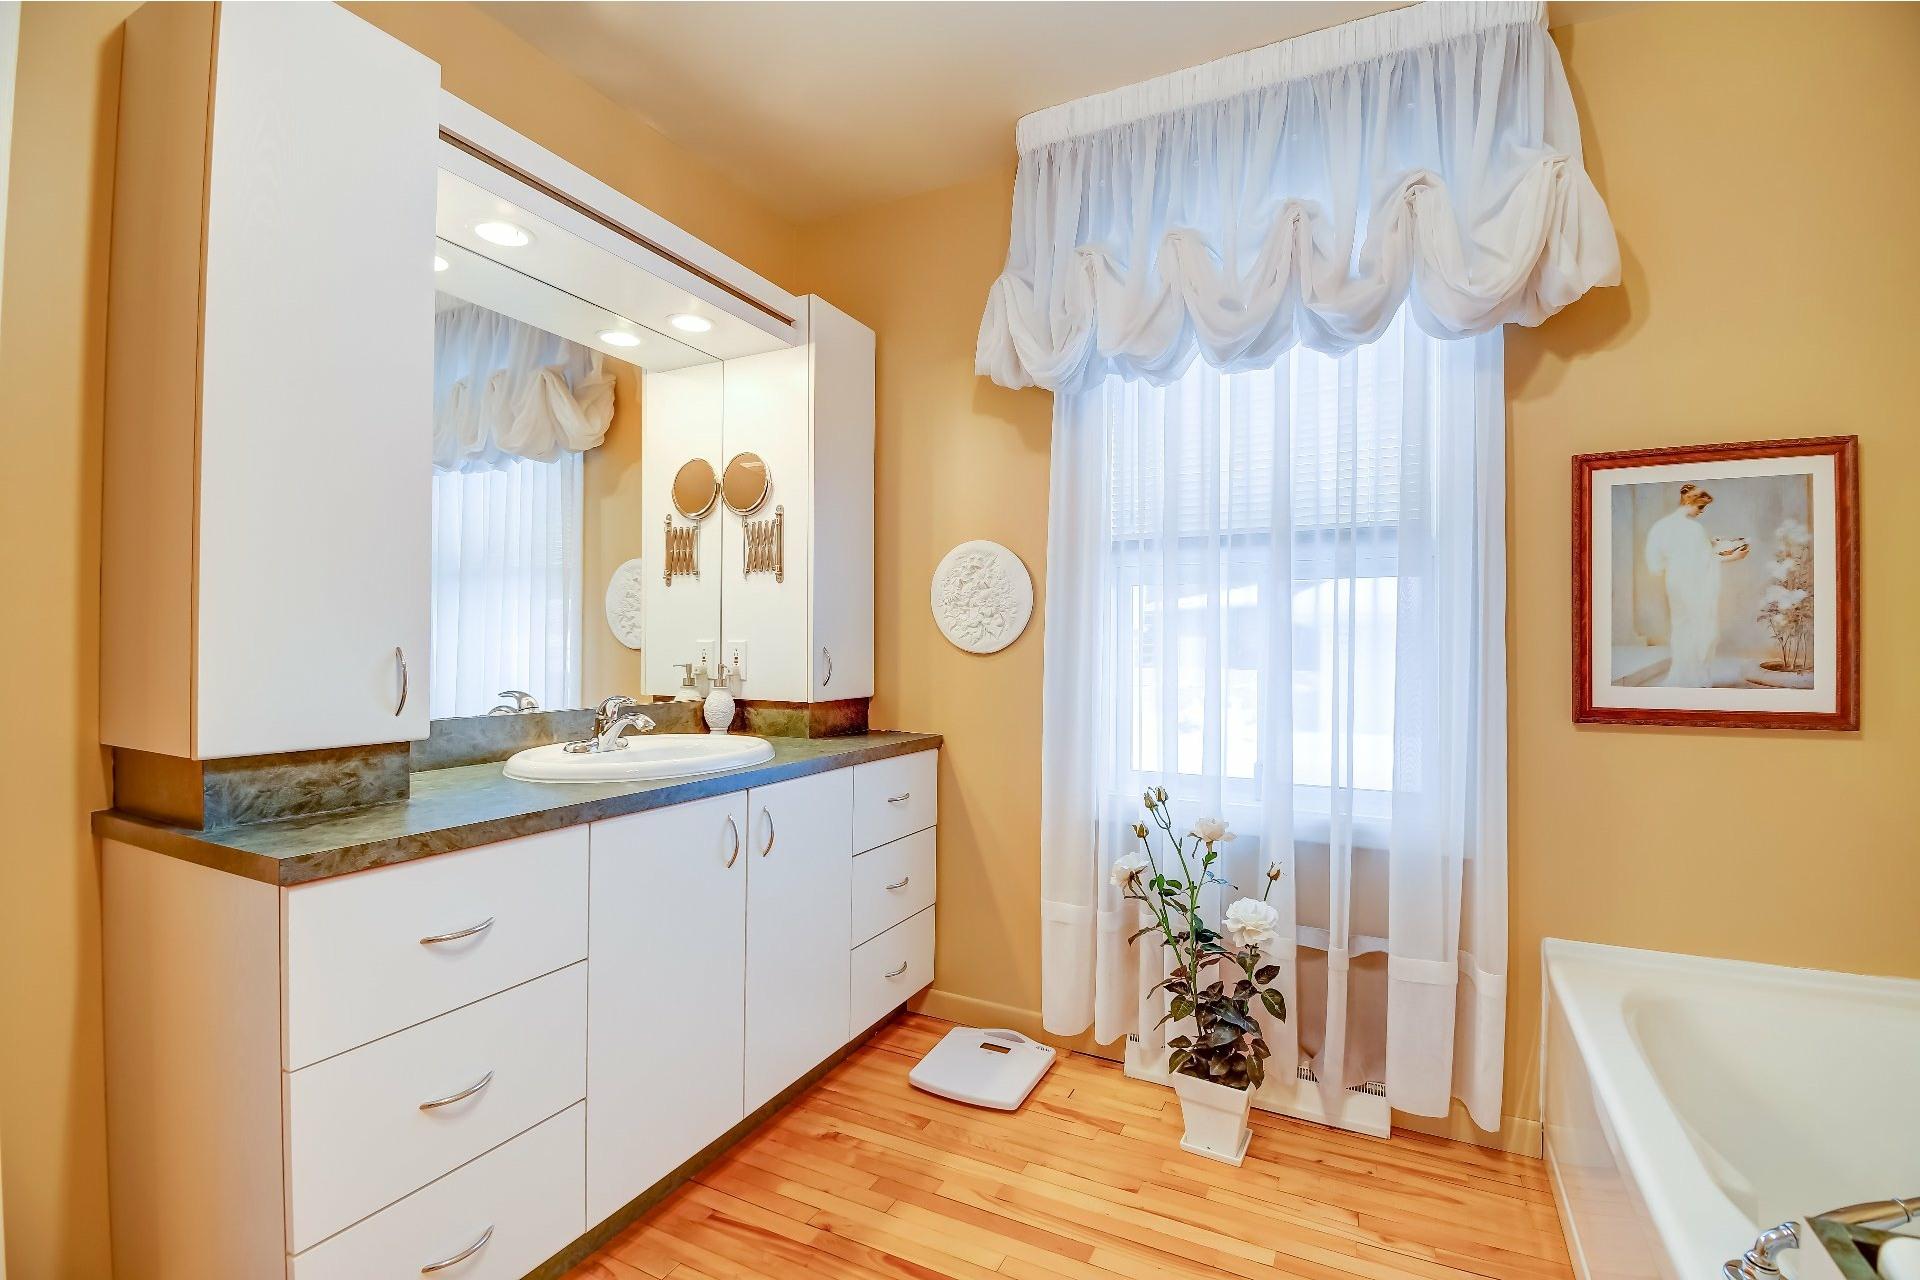 image 15 - Maison À vendre Trois-Rivières - 7 pièces